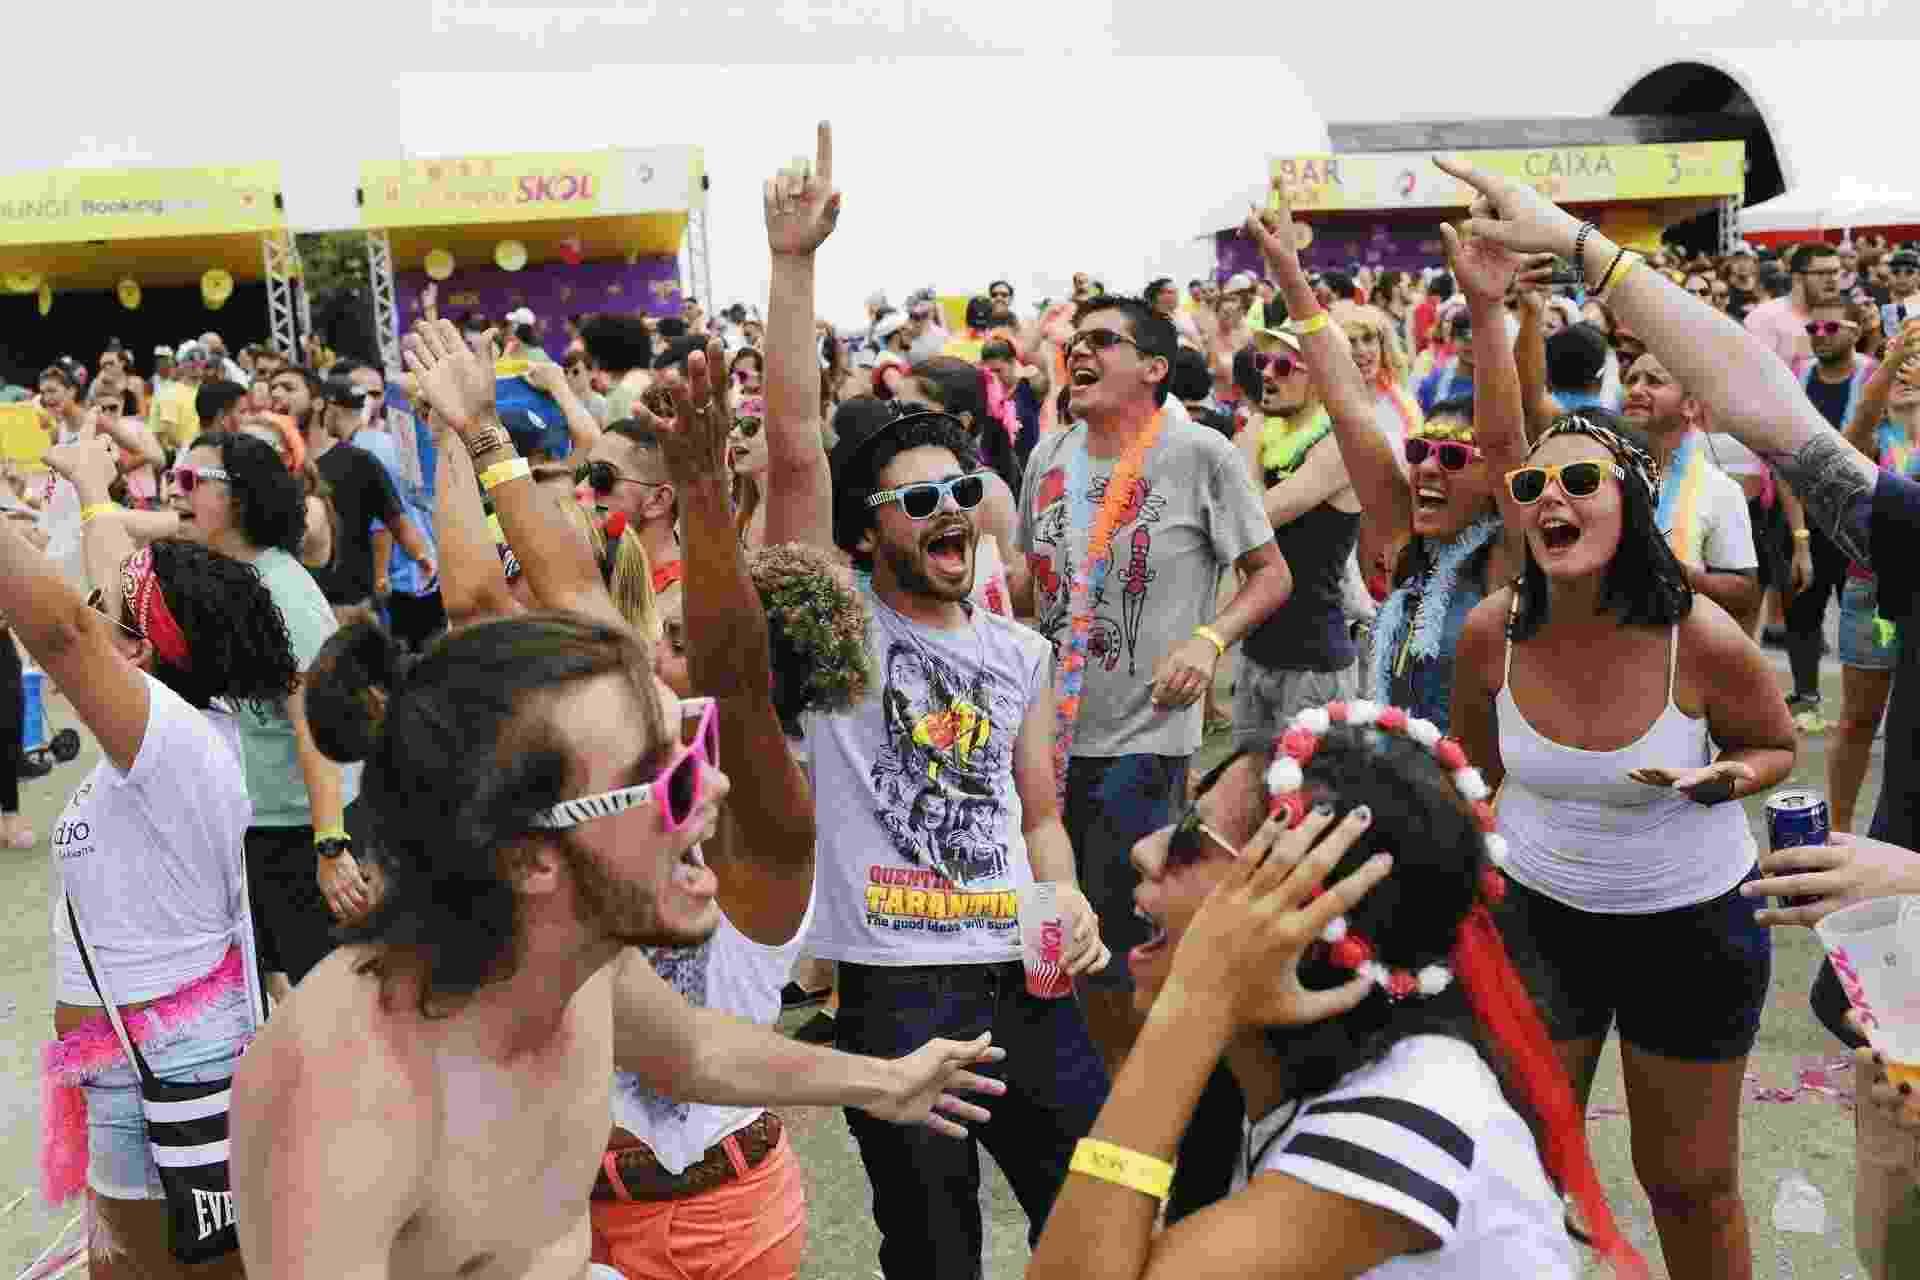 12.fev.2017 - O bloco Exagerado e a banda BaianaSystem comandam neste domingo (12) o segundo dia do evento Carnaval na Praça, no Memorial da América Latina, na zona oeste de São Paulo - Felipe Gabriel/UOL